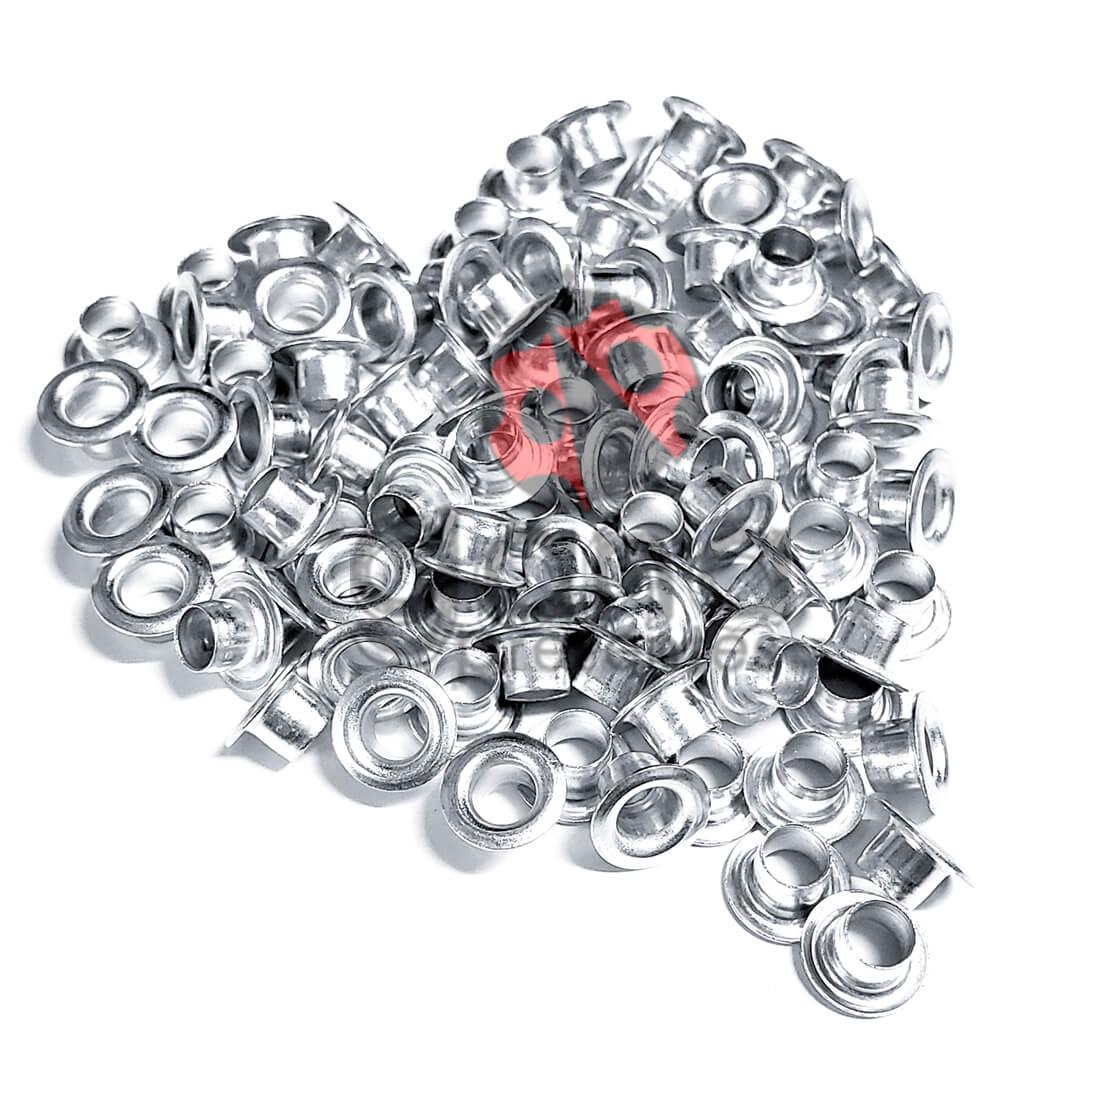 Metais - Ilhós de Alumínio nº54 Polido 4,7mm Diâmetro Interno 100